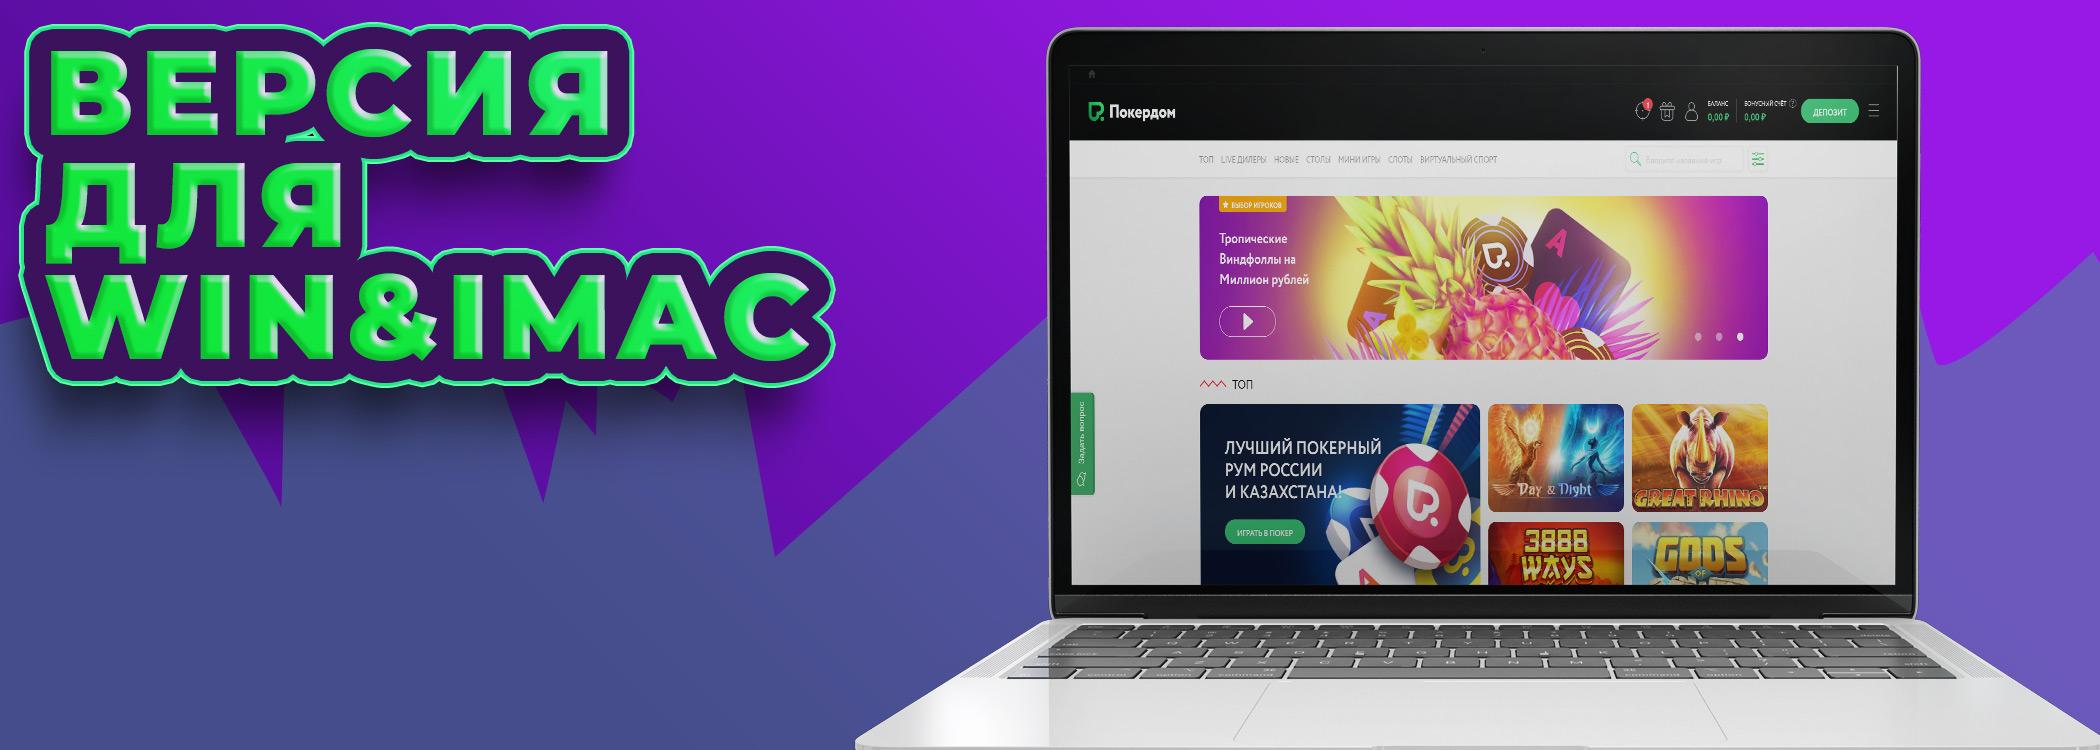 Версия Покердом для macOS и Windows.